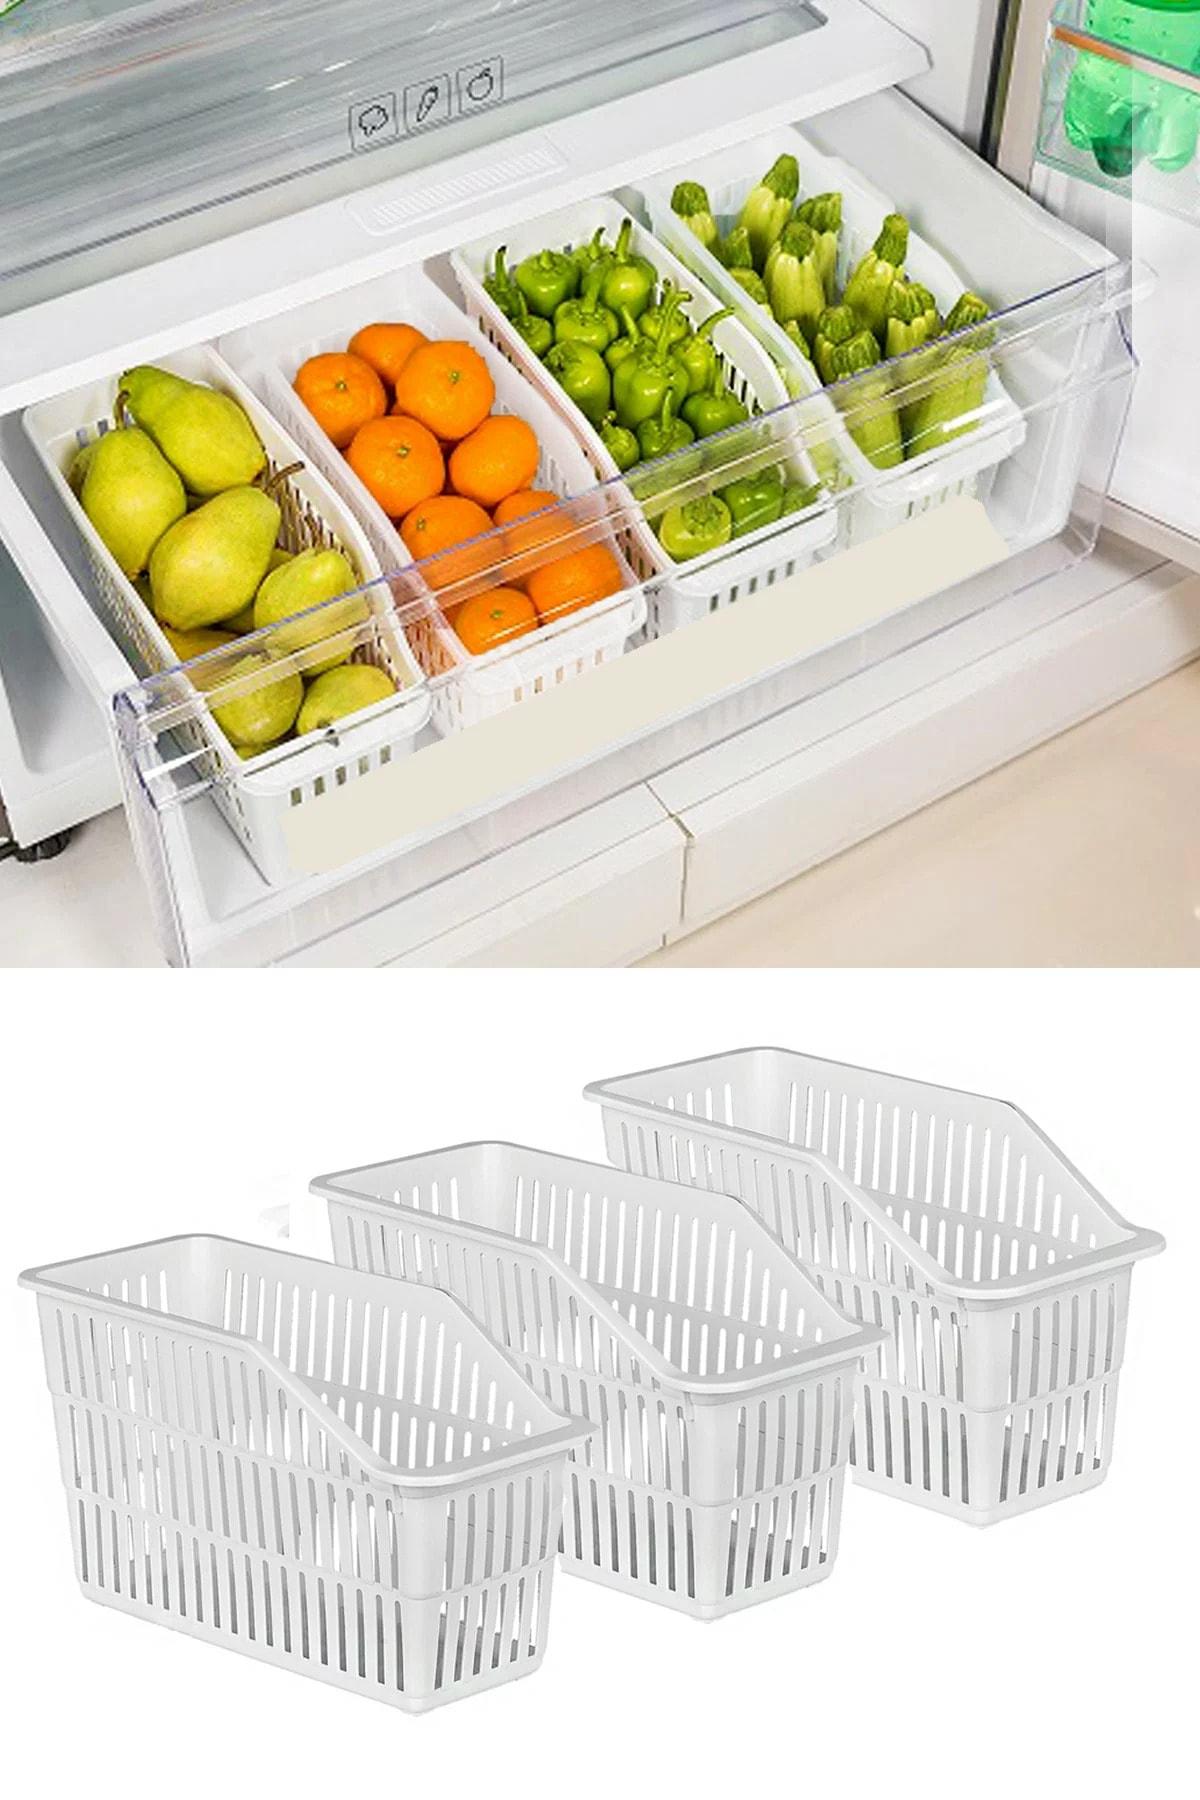 HOBBY LİFE 3 Adet Buzdolabı Düzenleyici 1